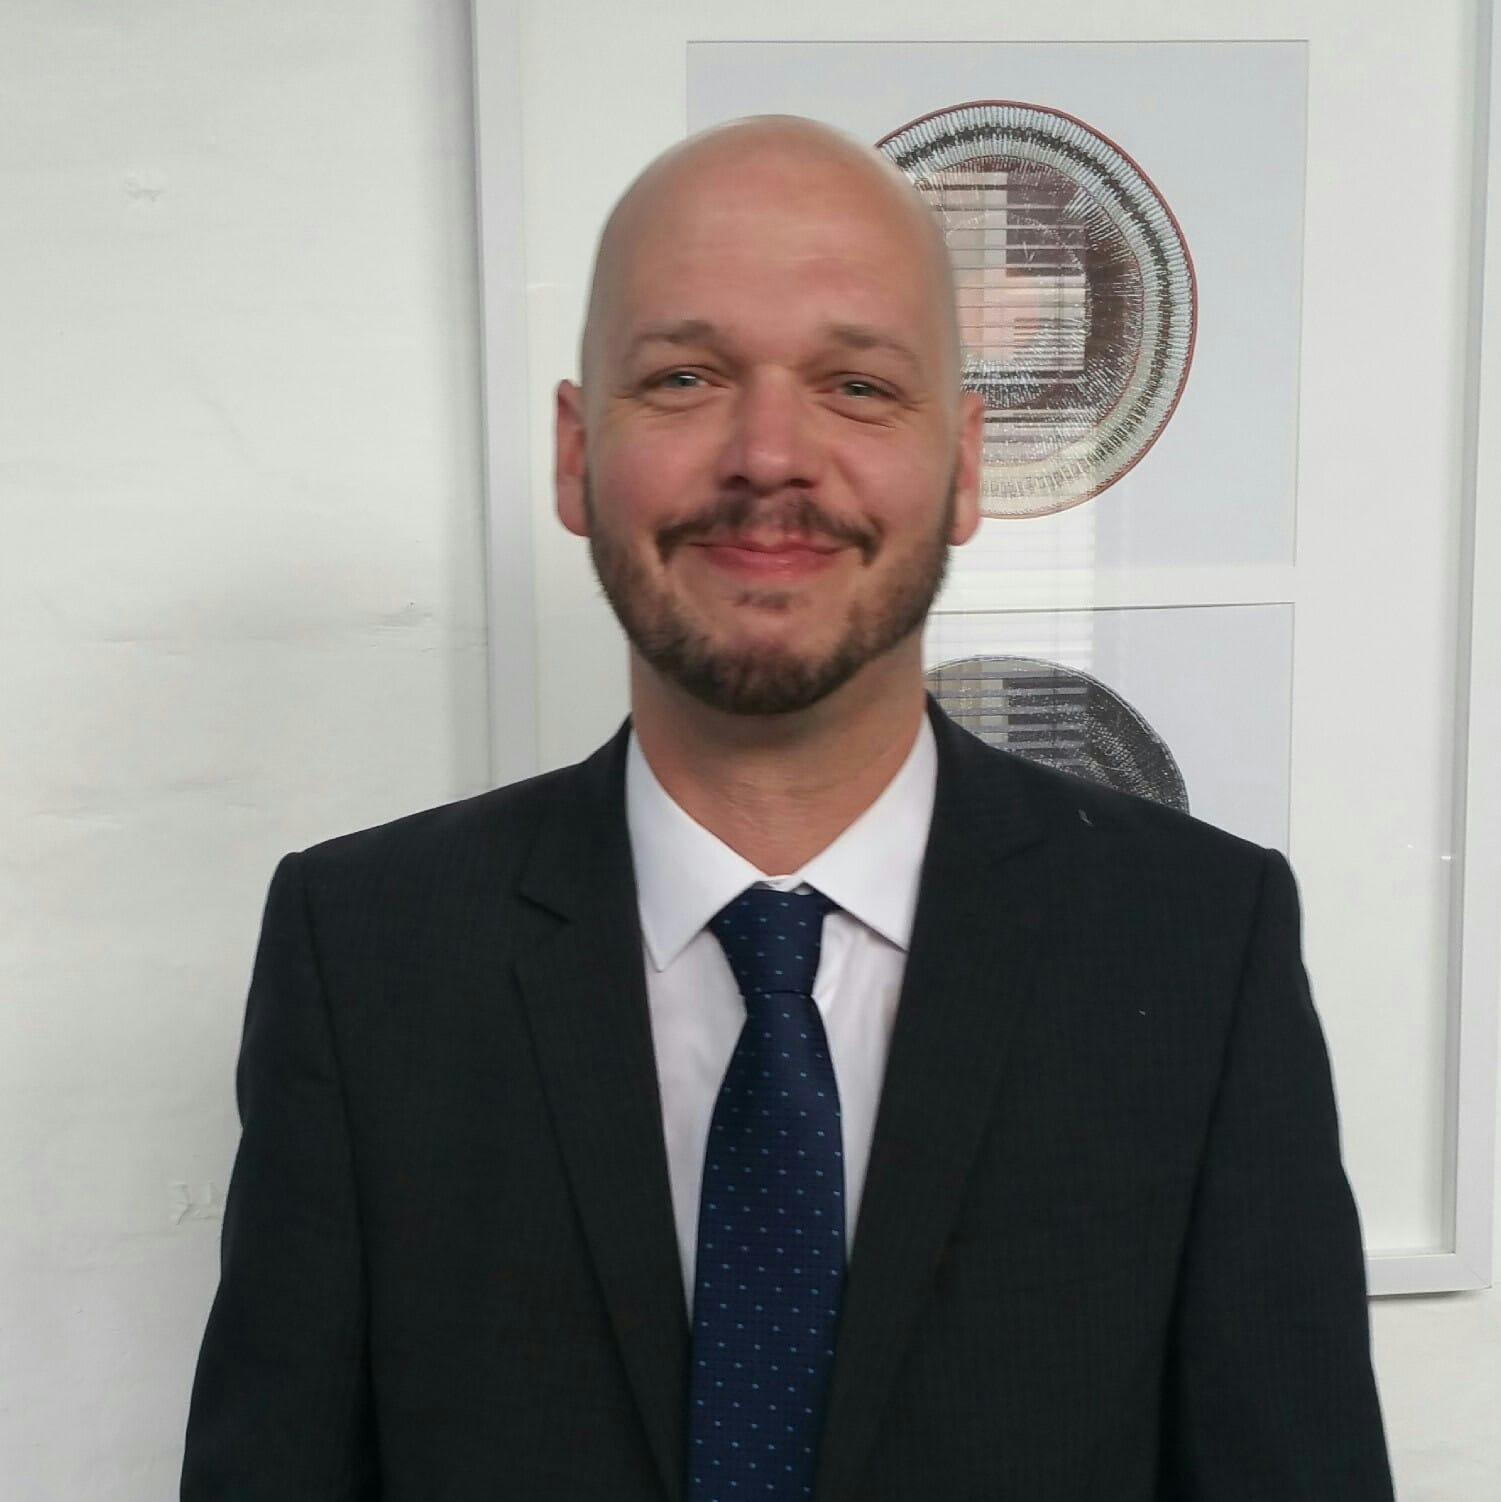 Brett Naysmith